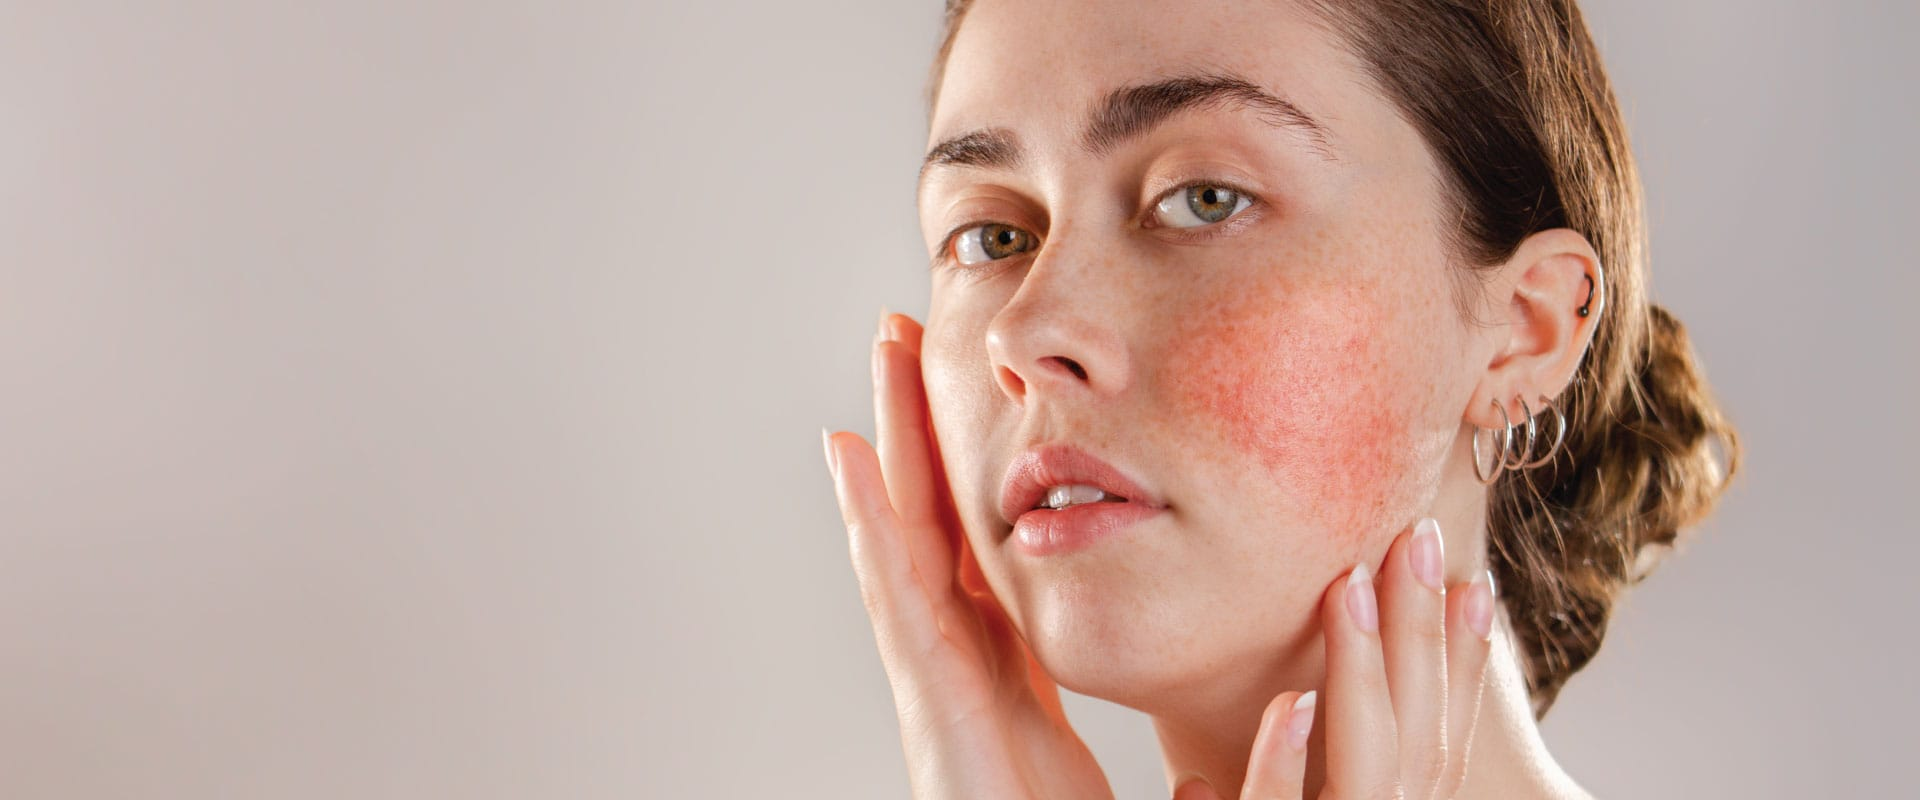 Pieles sensibles, sensibilizadas y dermatitis de contacto